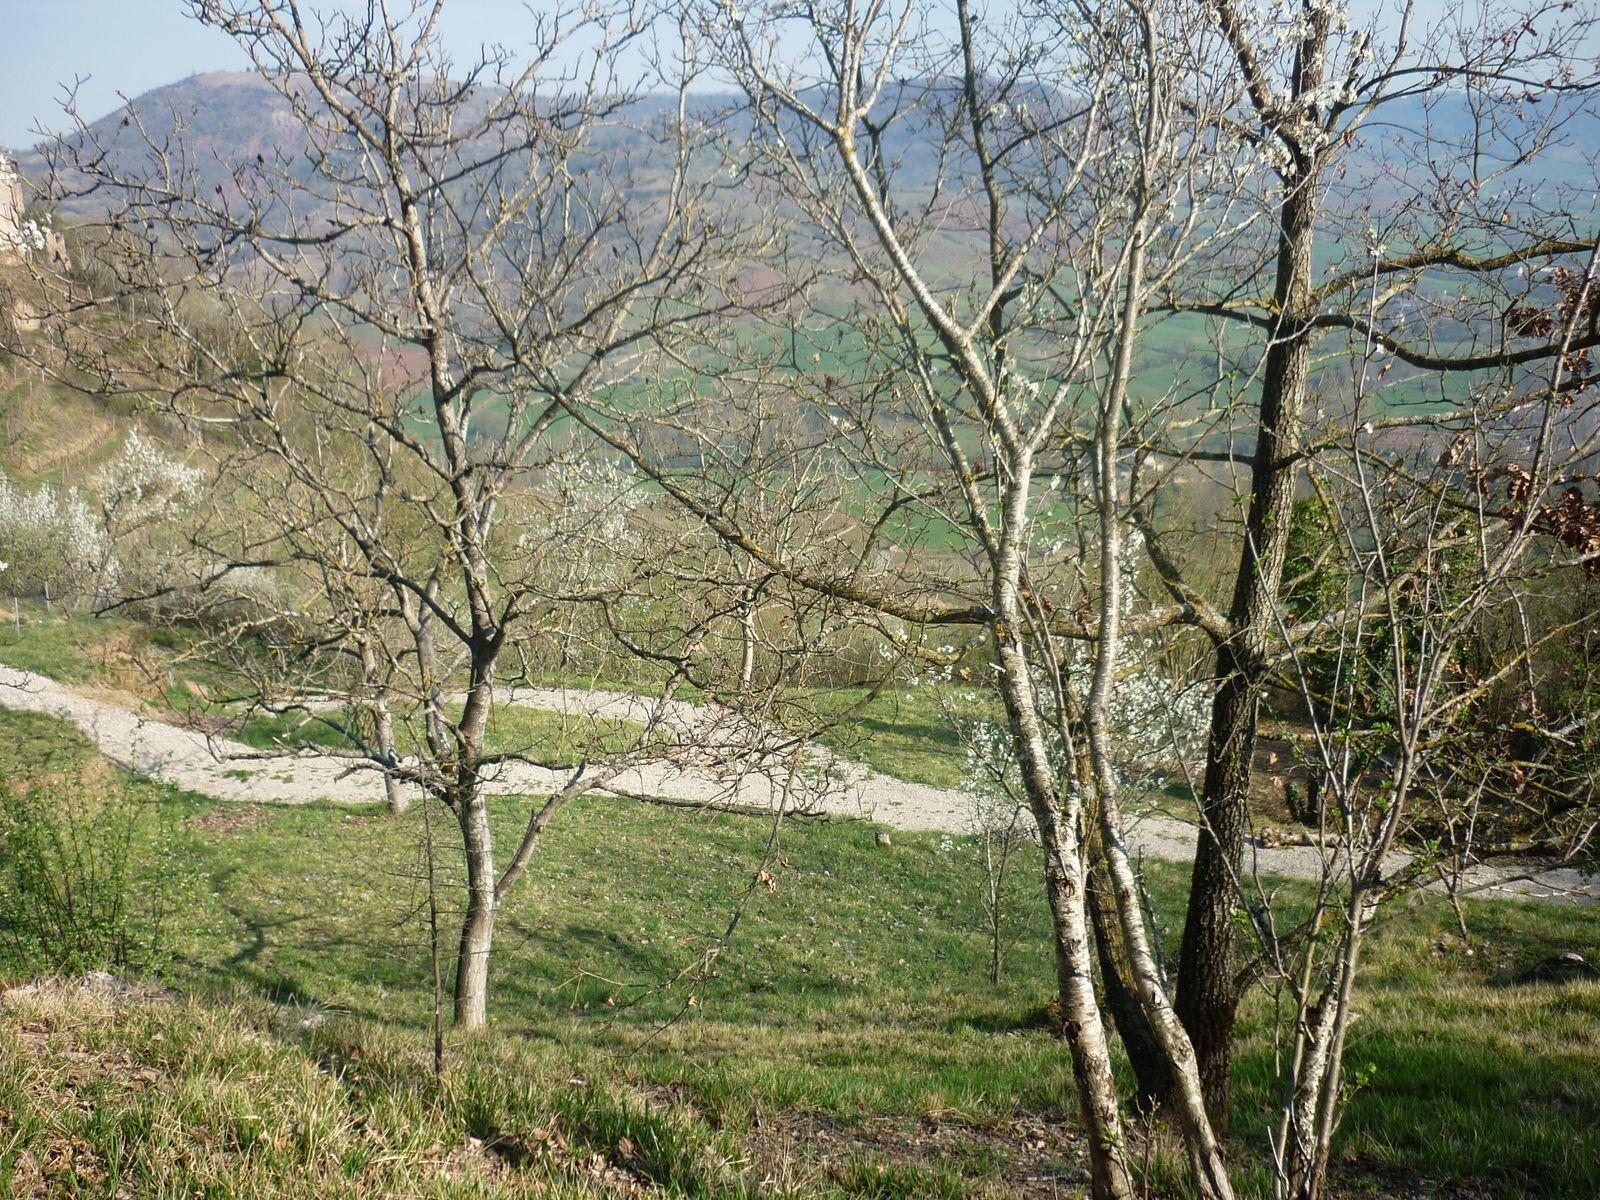 Vue sur la vallée de l'Ady